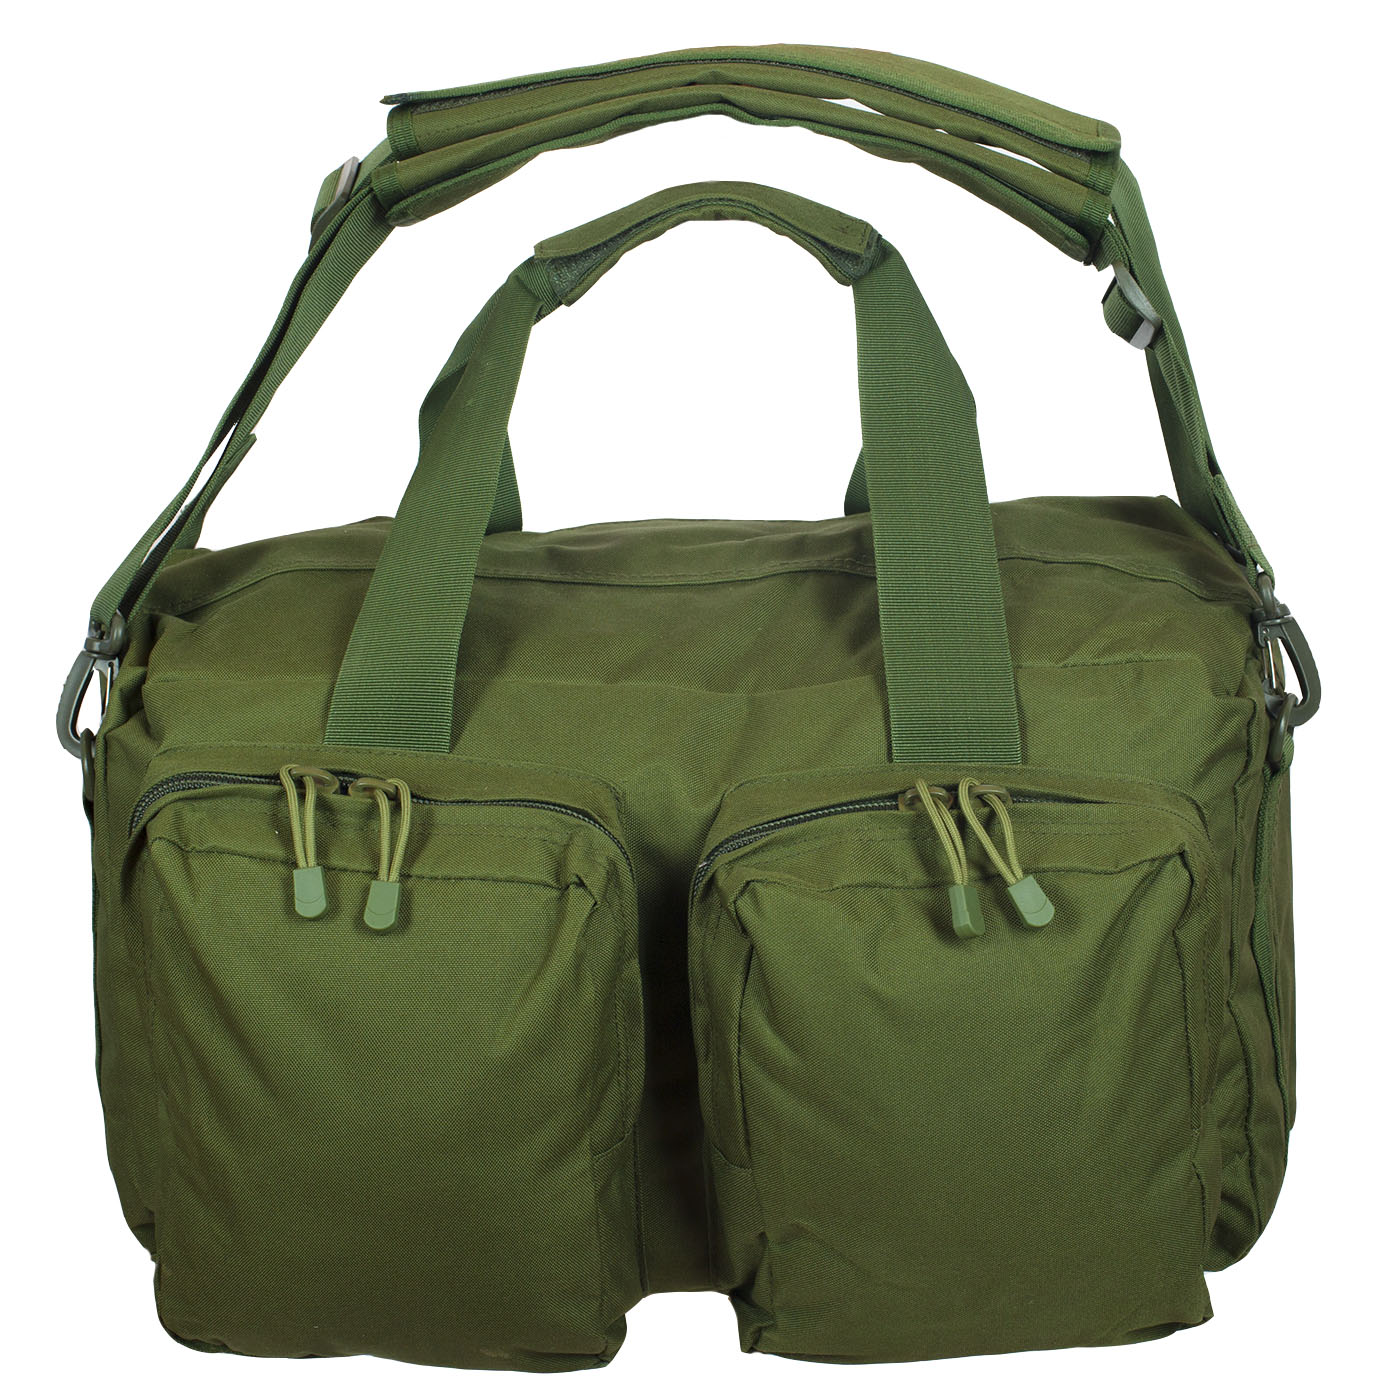 Заплечная тактическая сумка-рюкзак Рожден в СССР - купить в подарок